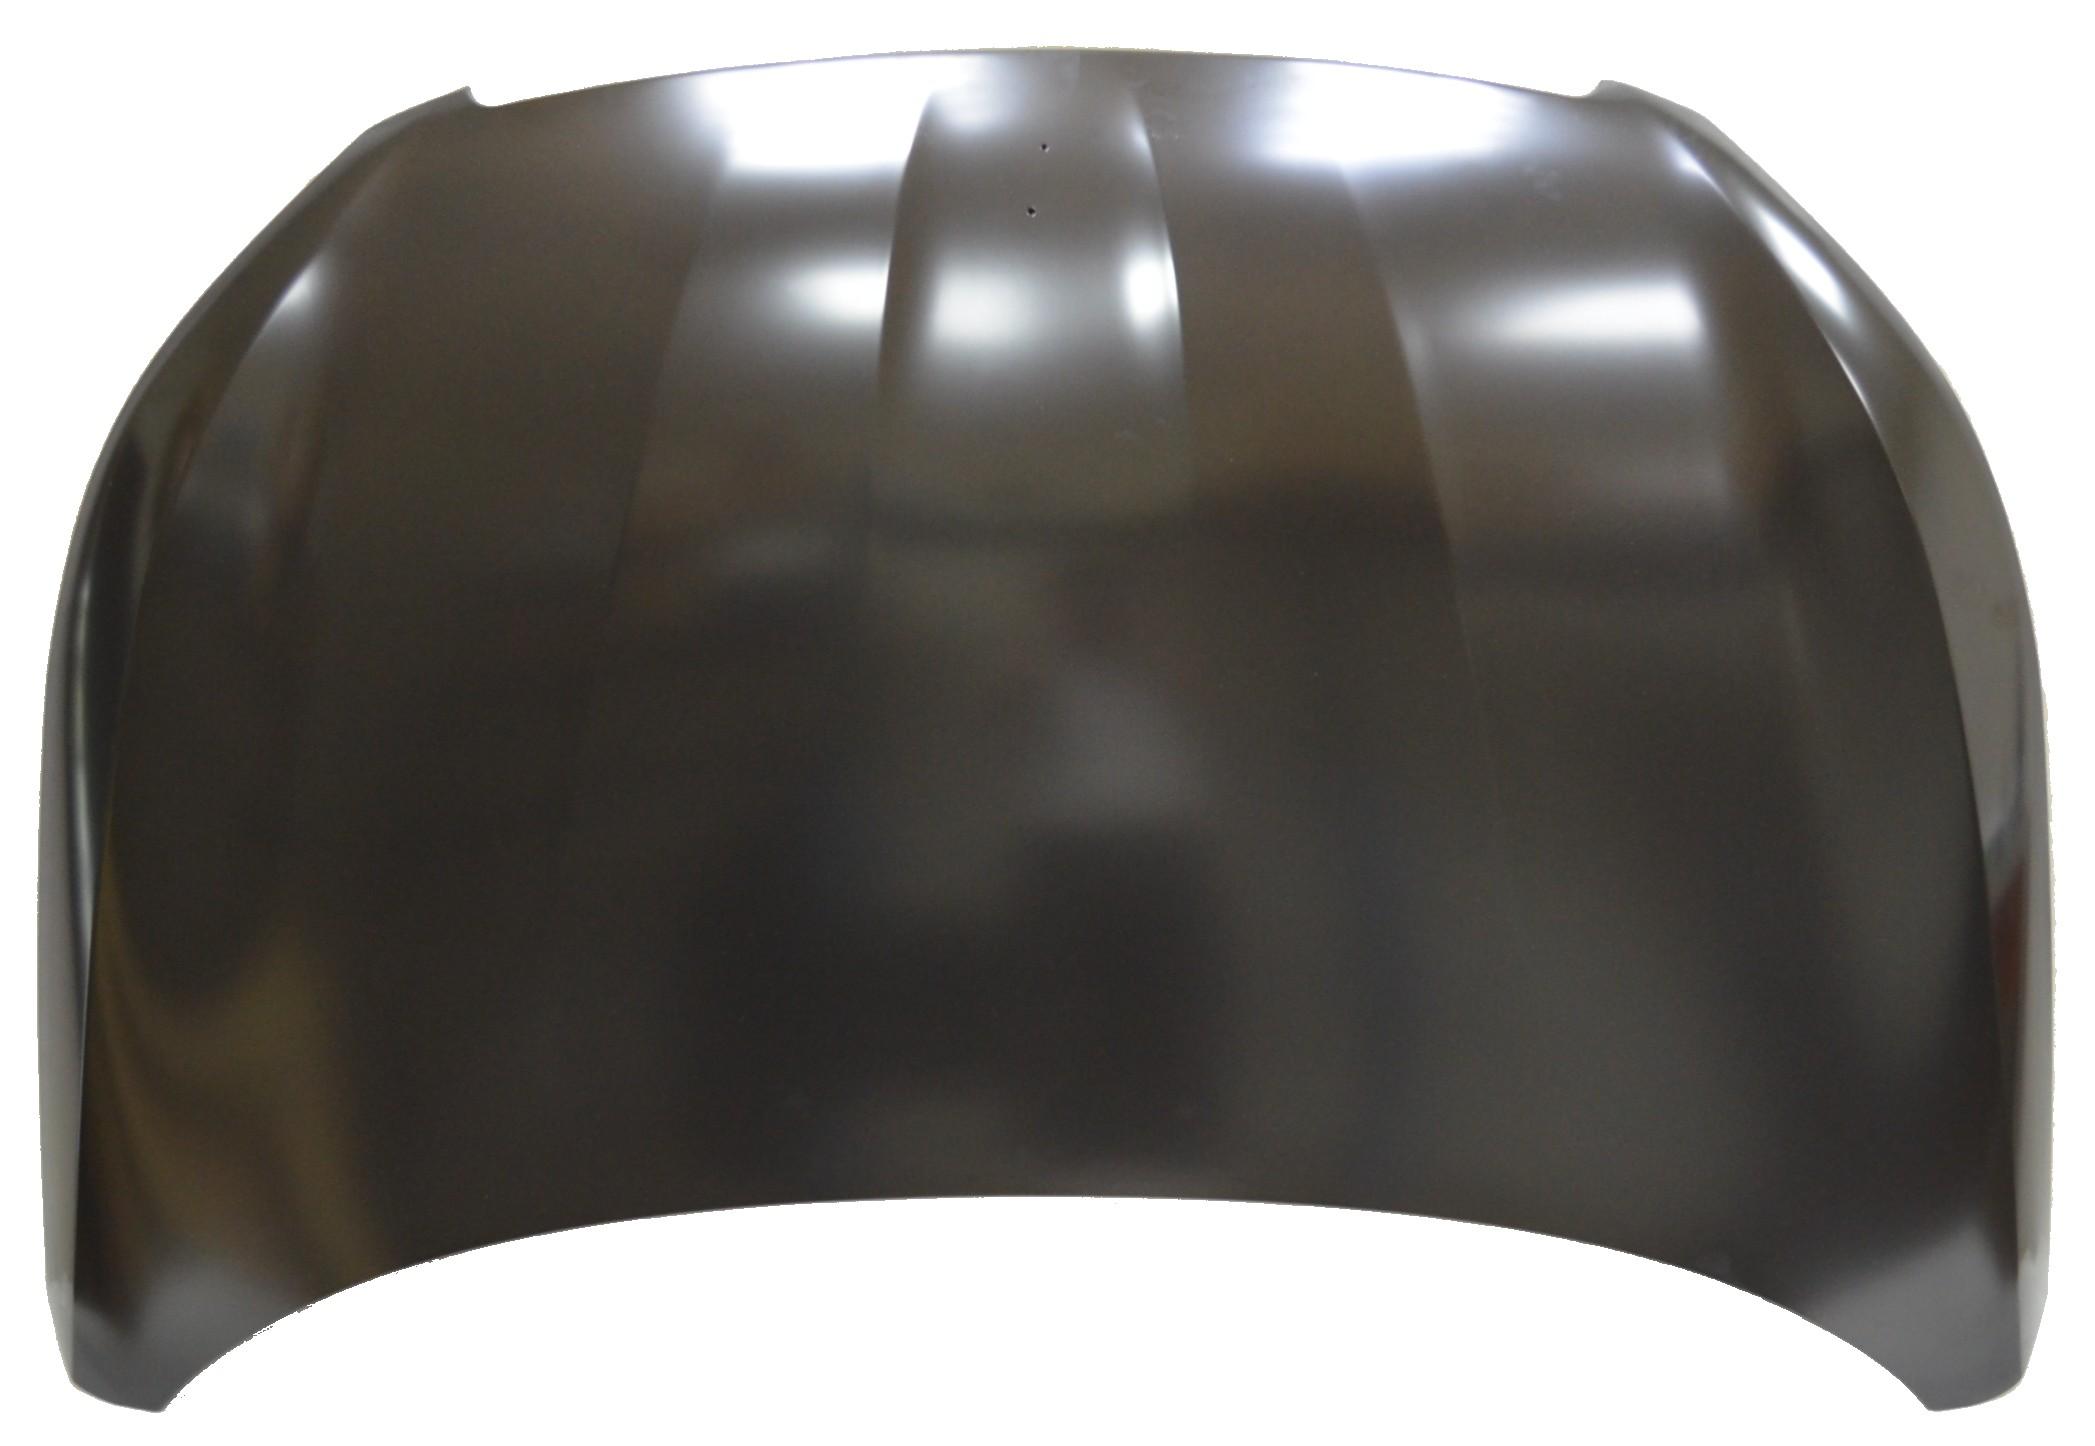 Replacement Car Parts for Peugeot 308 Bonnet steel